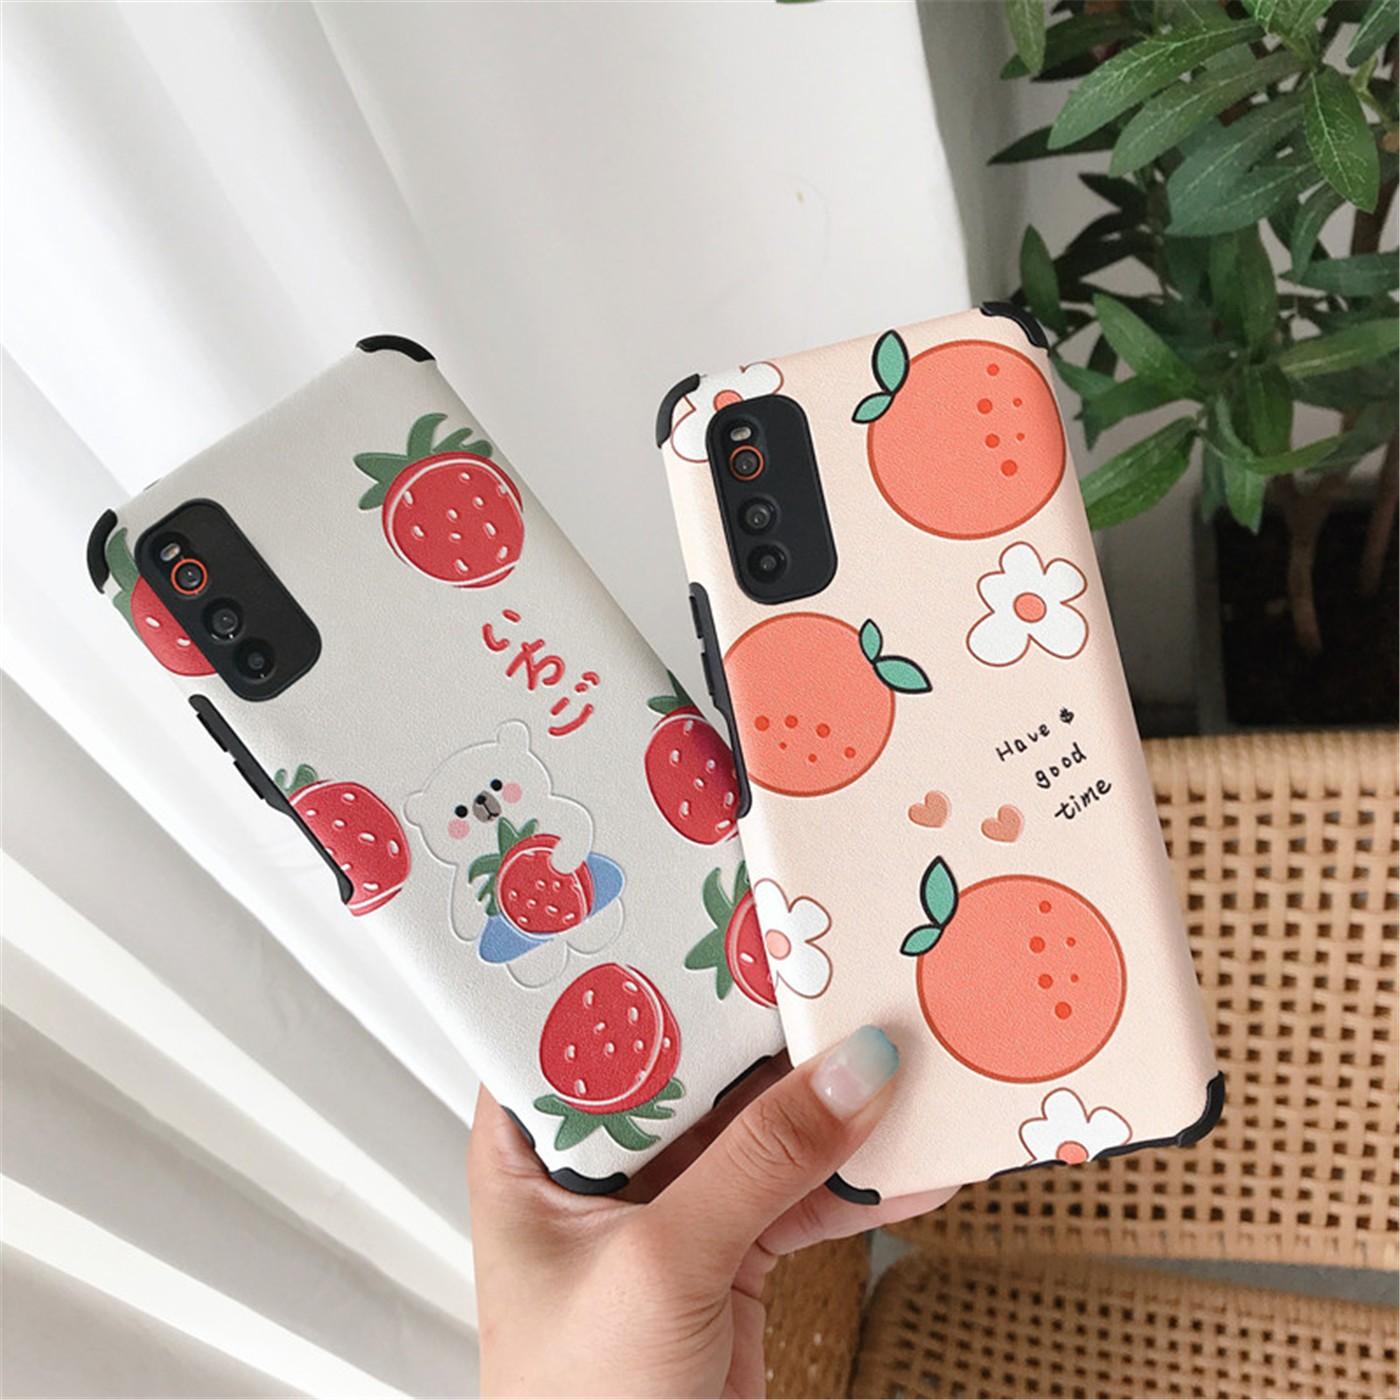 深圳金选数码科技有限公司手机要不要使用手机壳呢